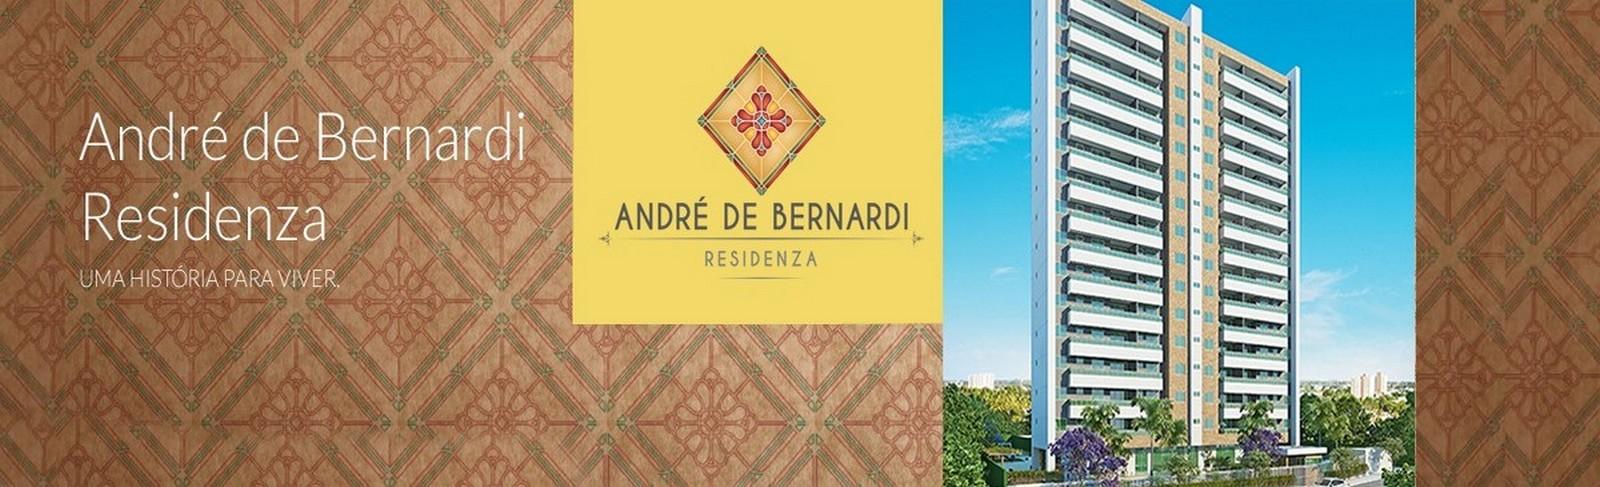 André de Bernardi